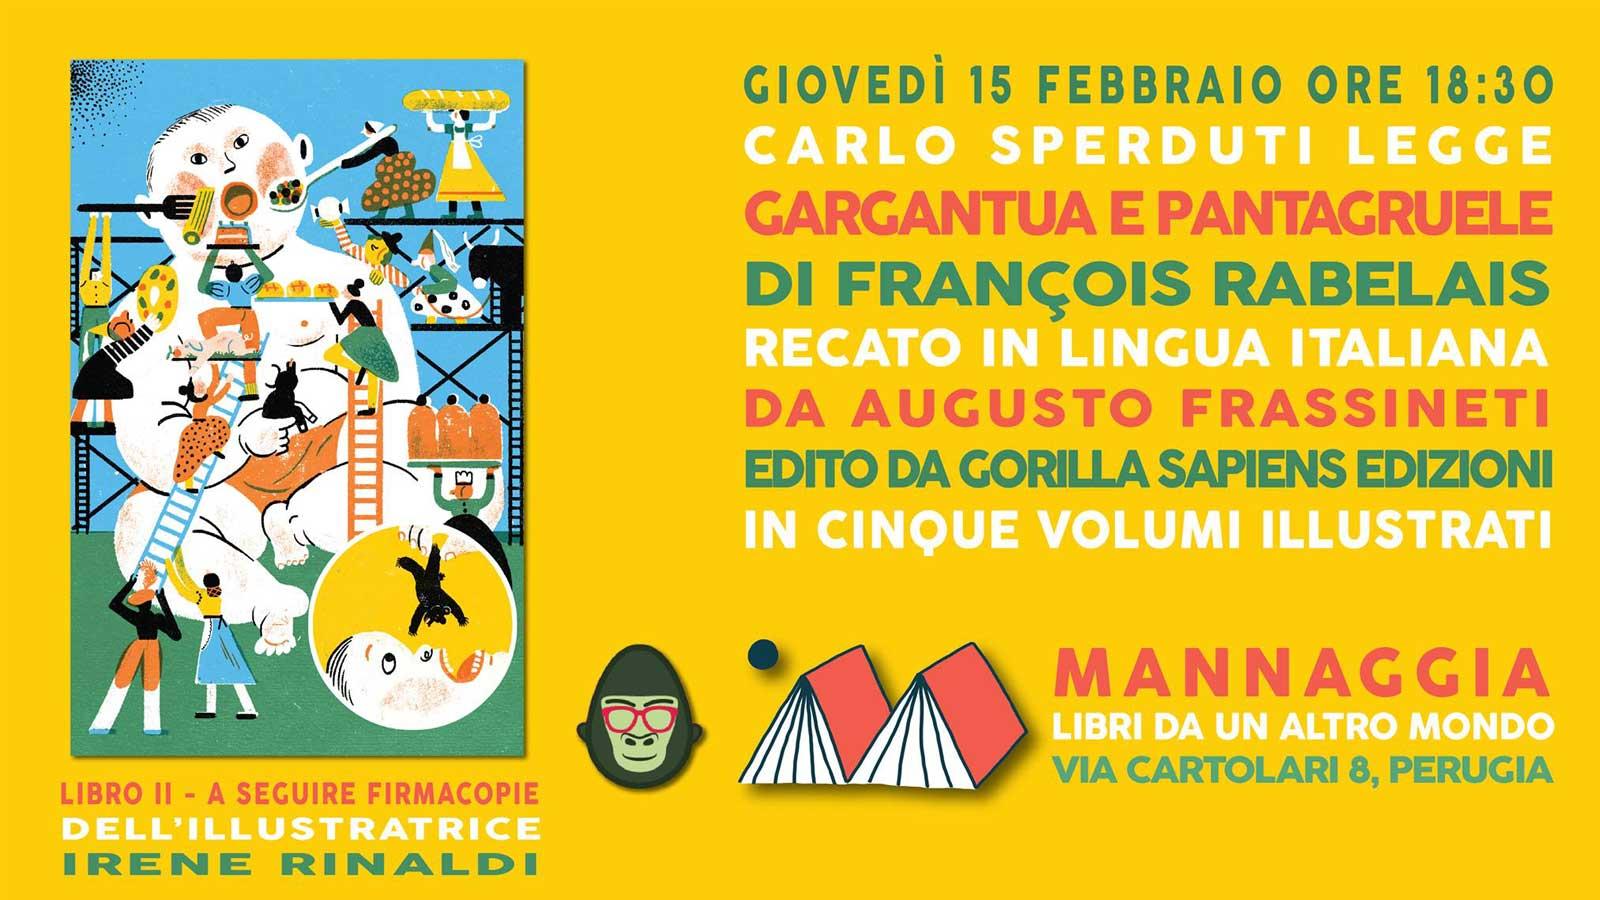 """Carlo Sperduti legge """"Gargantua e Pantagruele"""" - Libro II"""